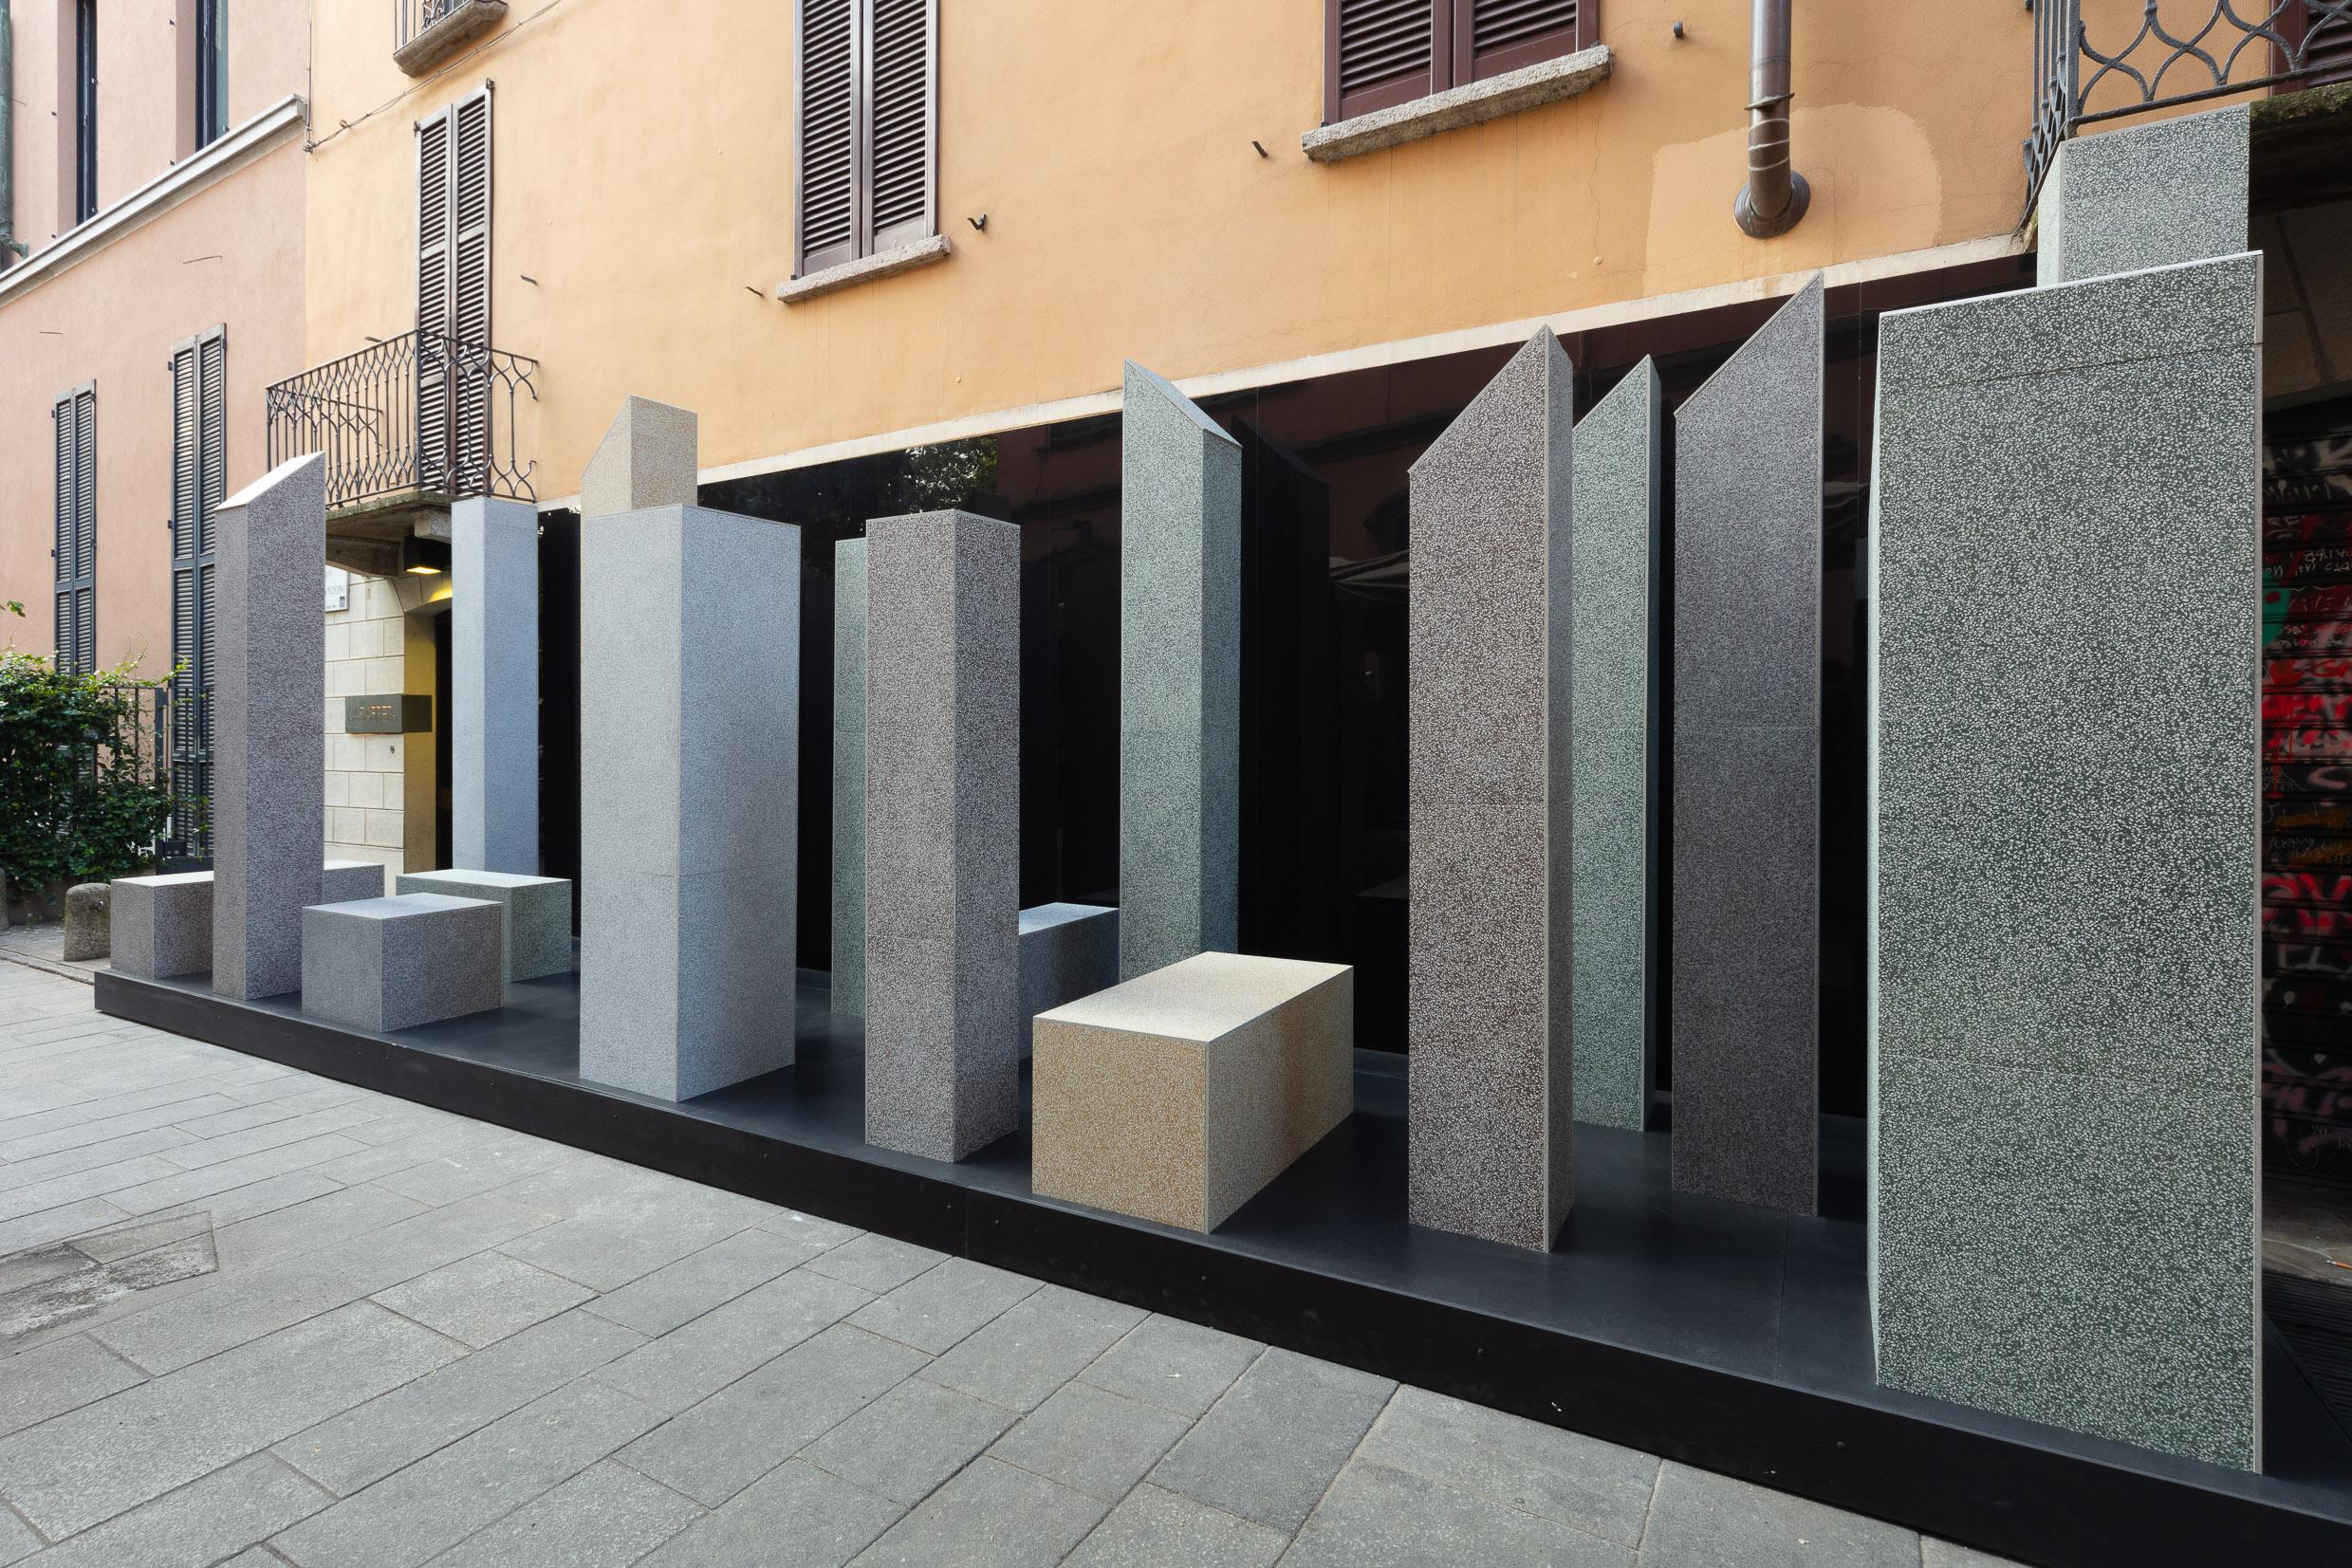 Cenografia criada por Ferruccio Laviani para LEA Ceramiche com porcelanatos que imitam pedras naturais italianas.